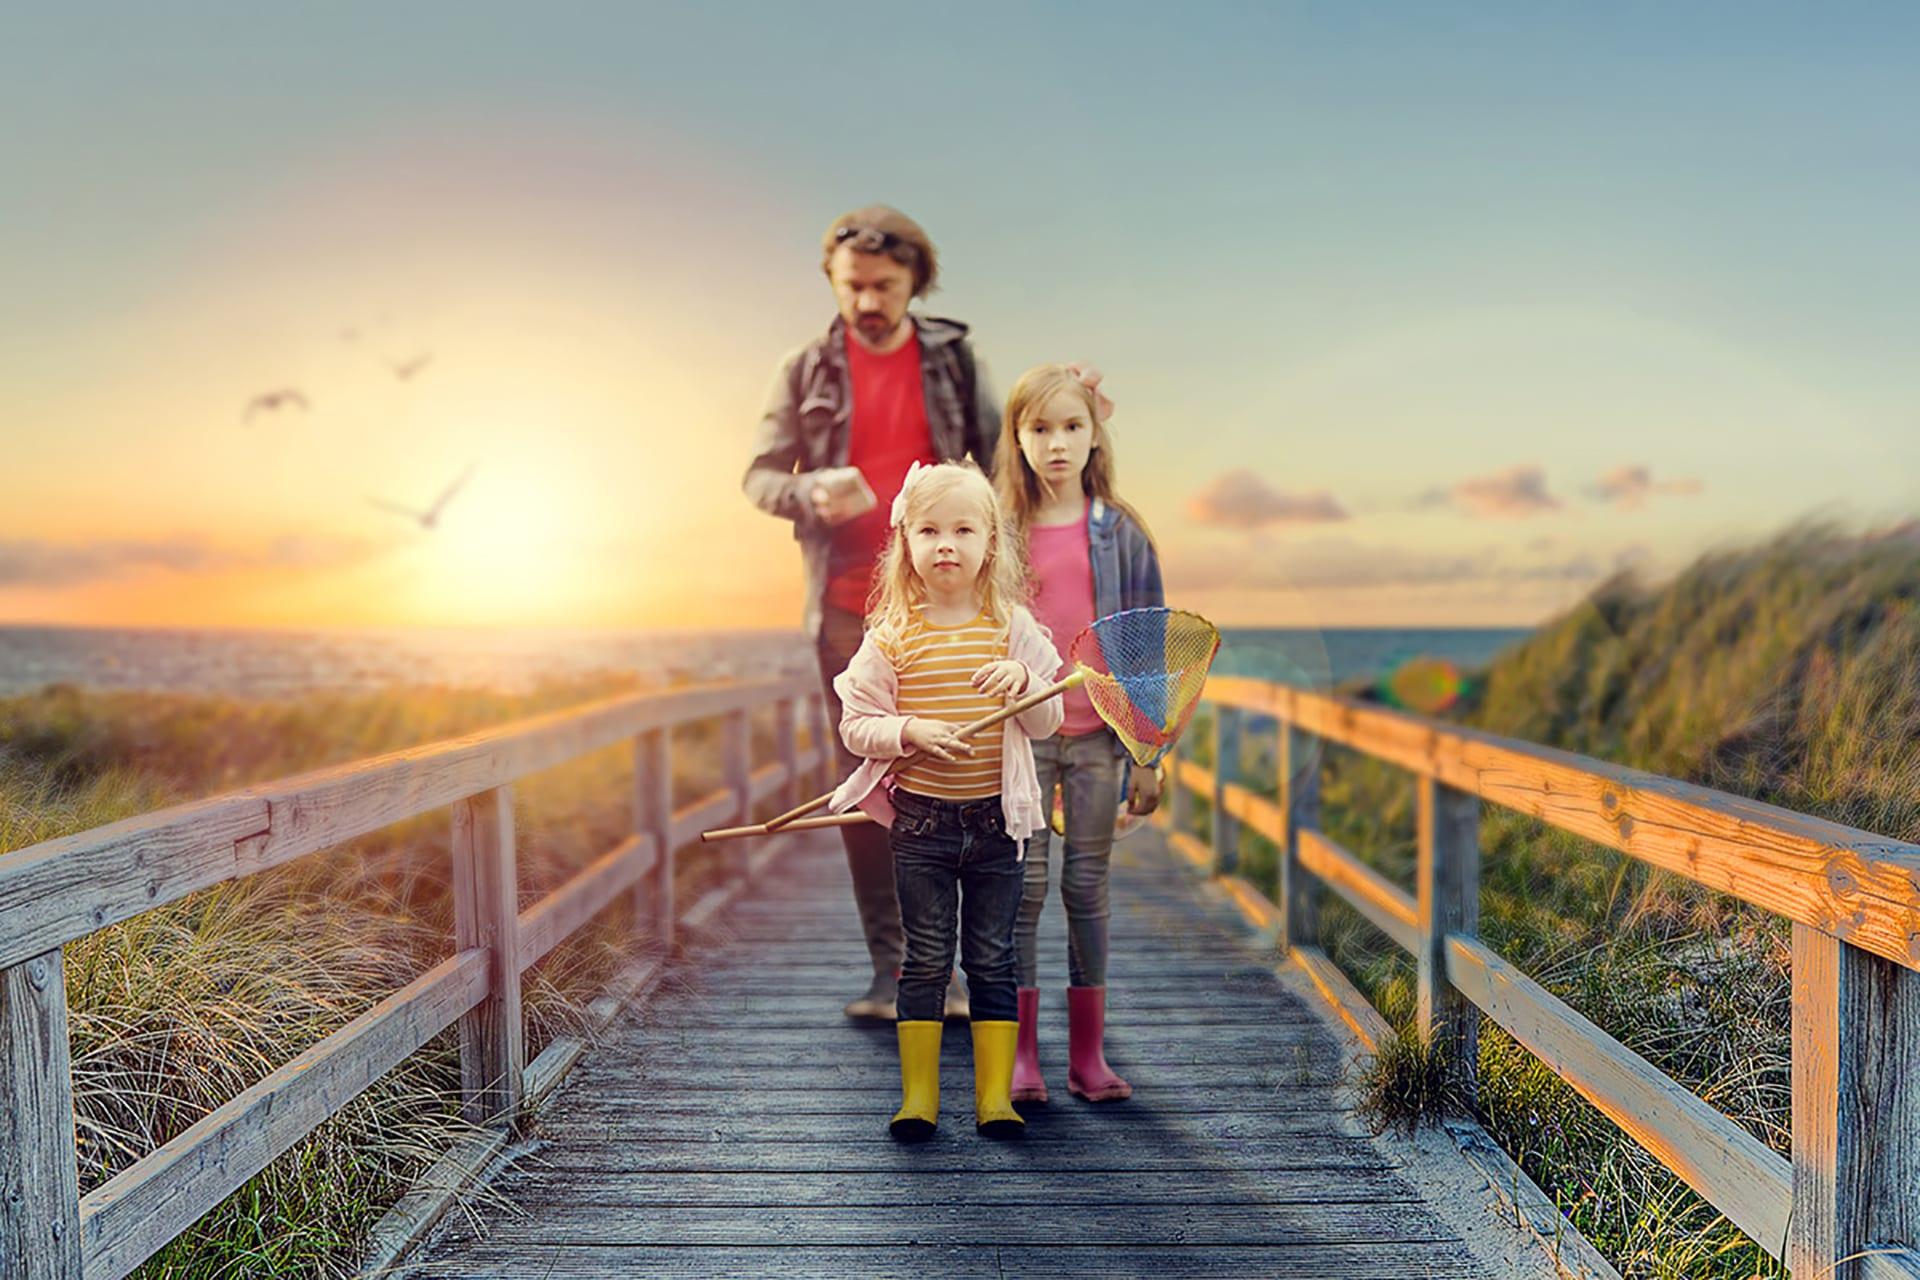 Familie steht auf einer Holzbrücke vor einem Sonnenuntergang | nach der Retusche